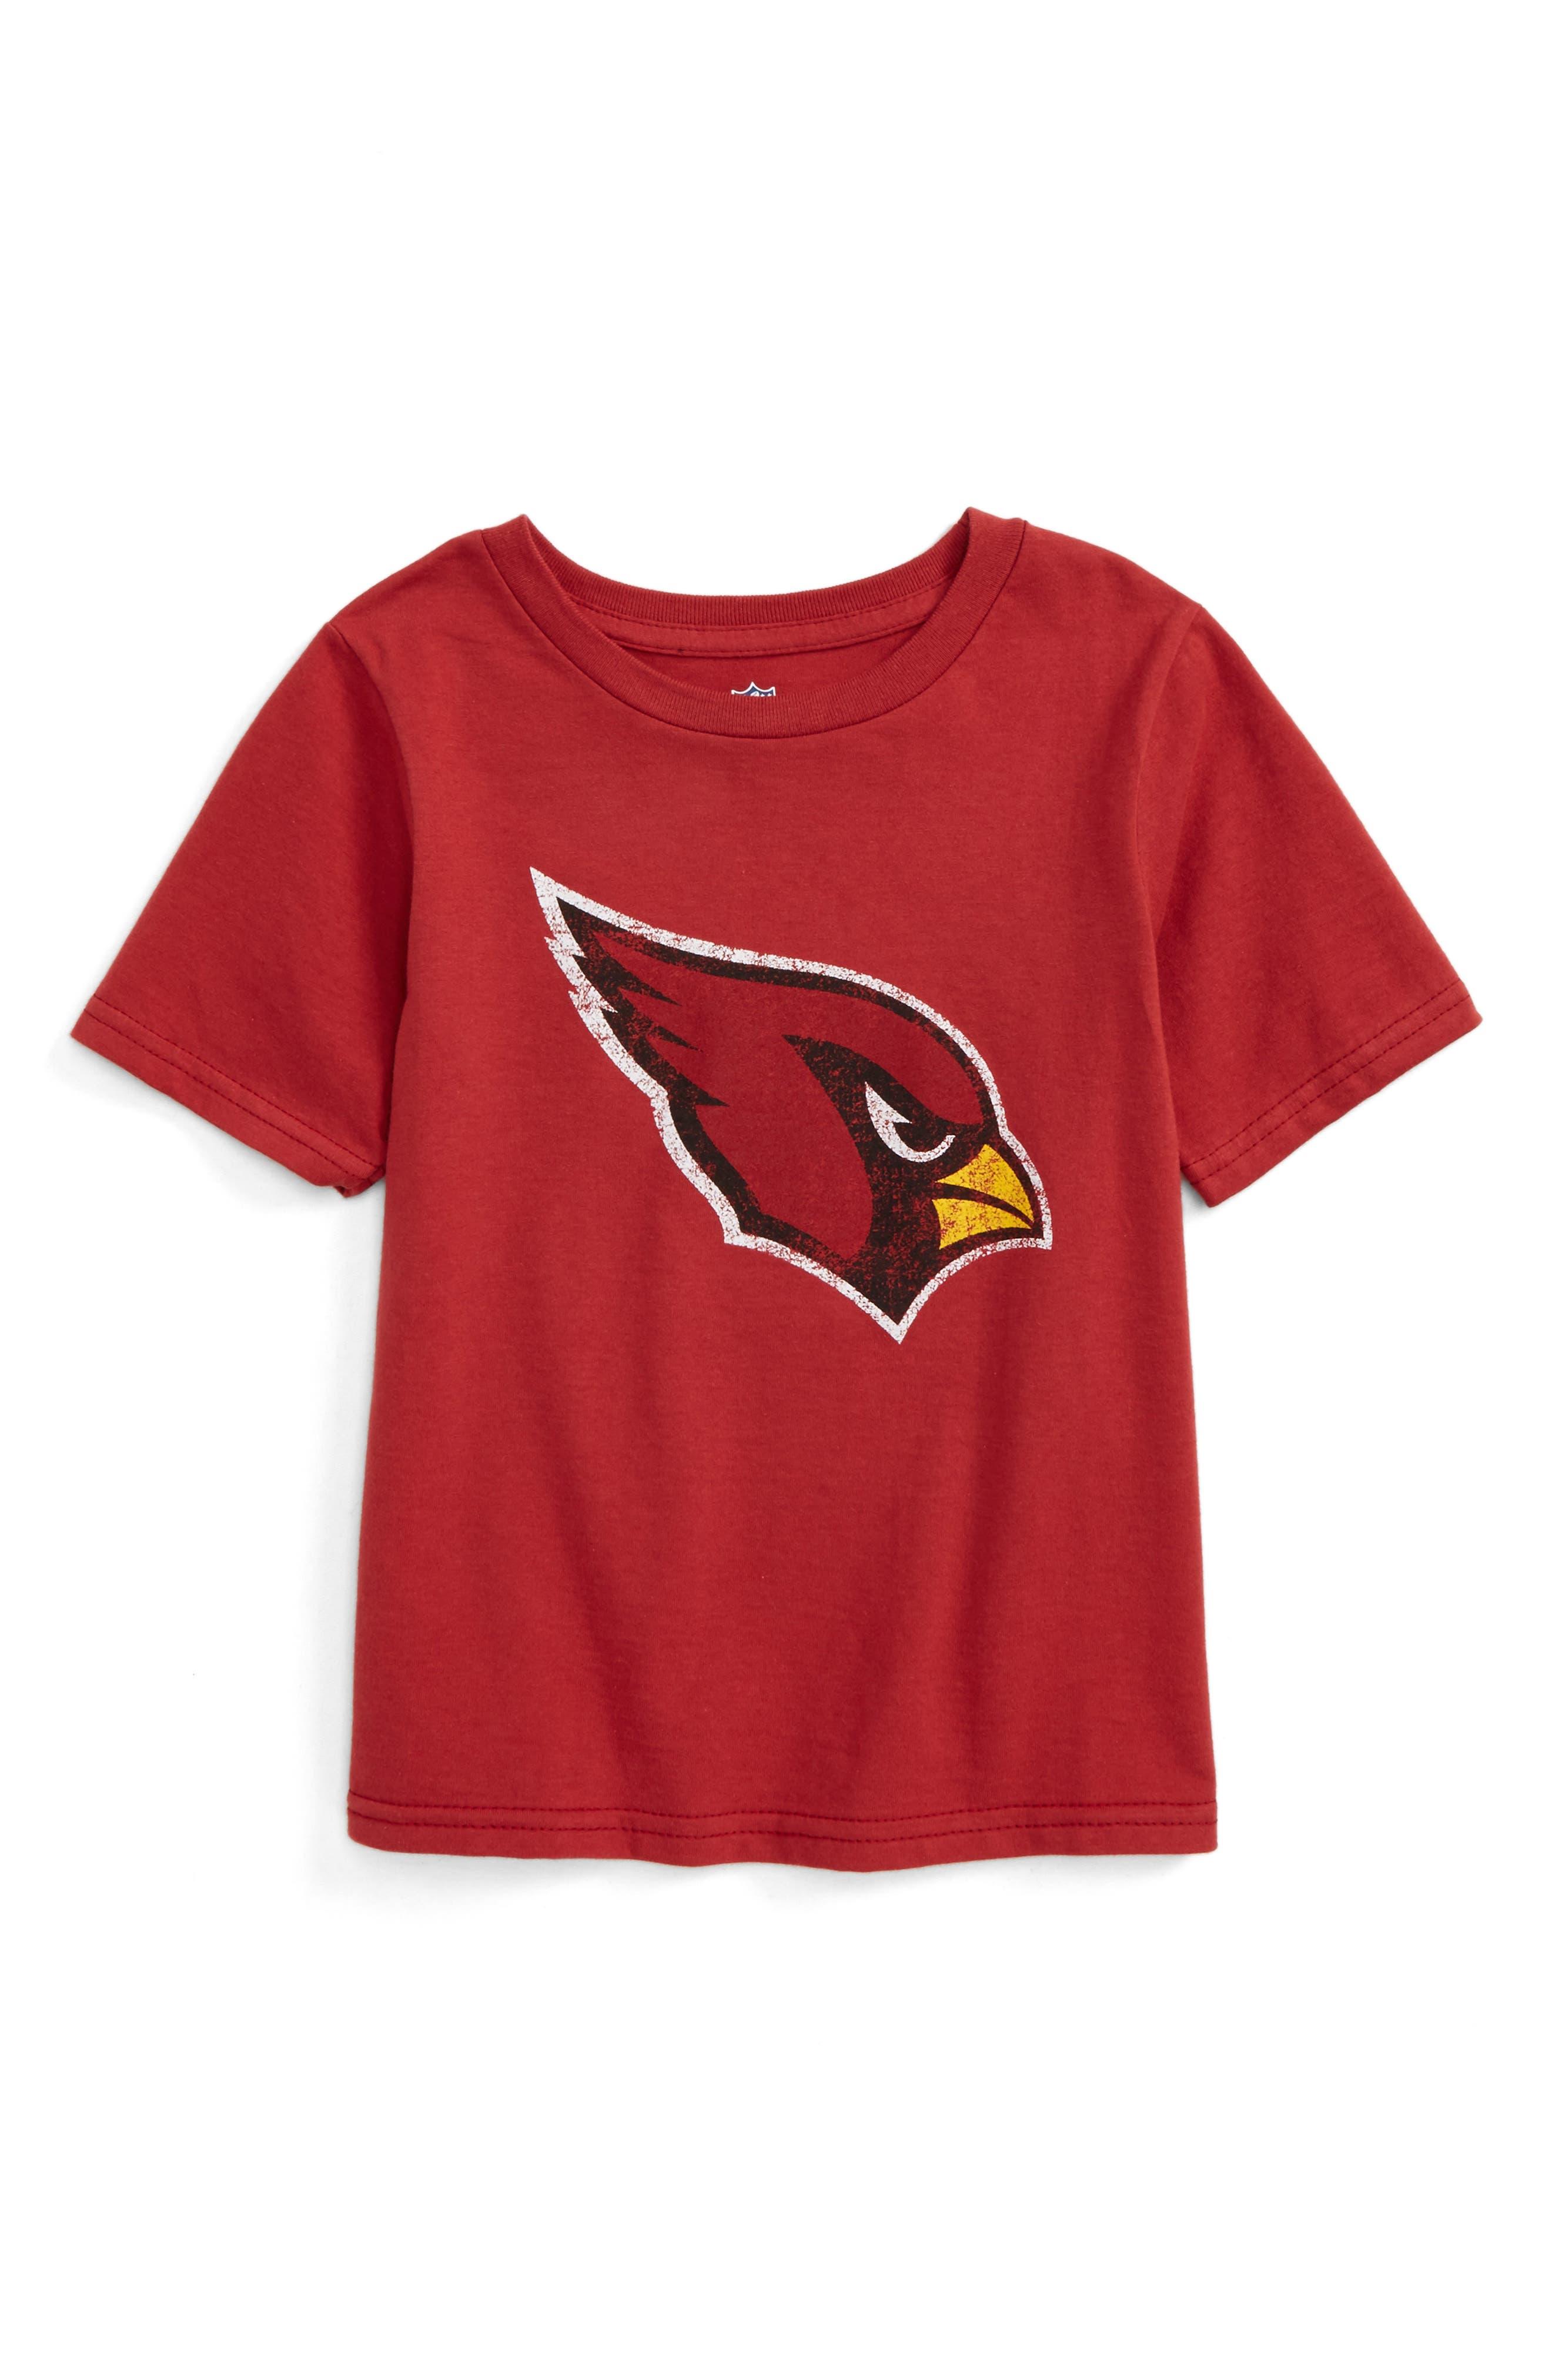 NFL - Arizona Cardinals Distressed Logo T-Shirt,                         Main,                         color, Cardinal